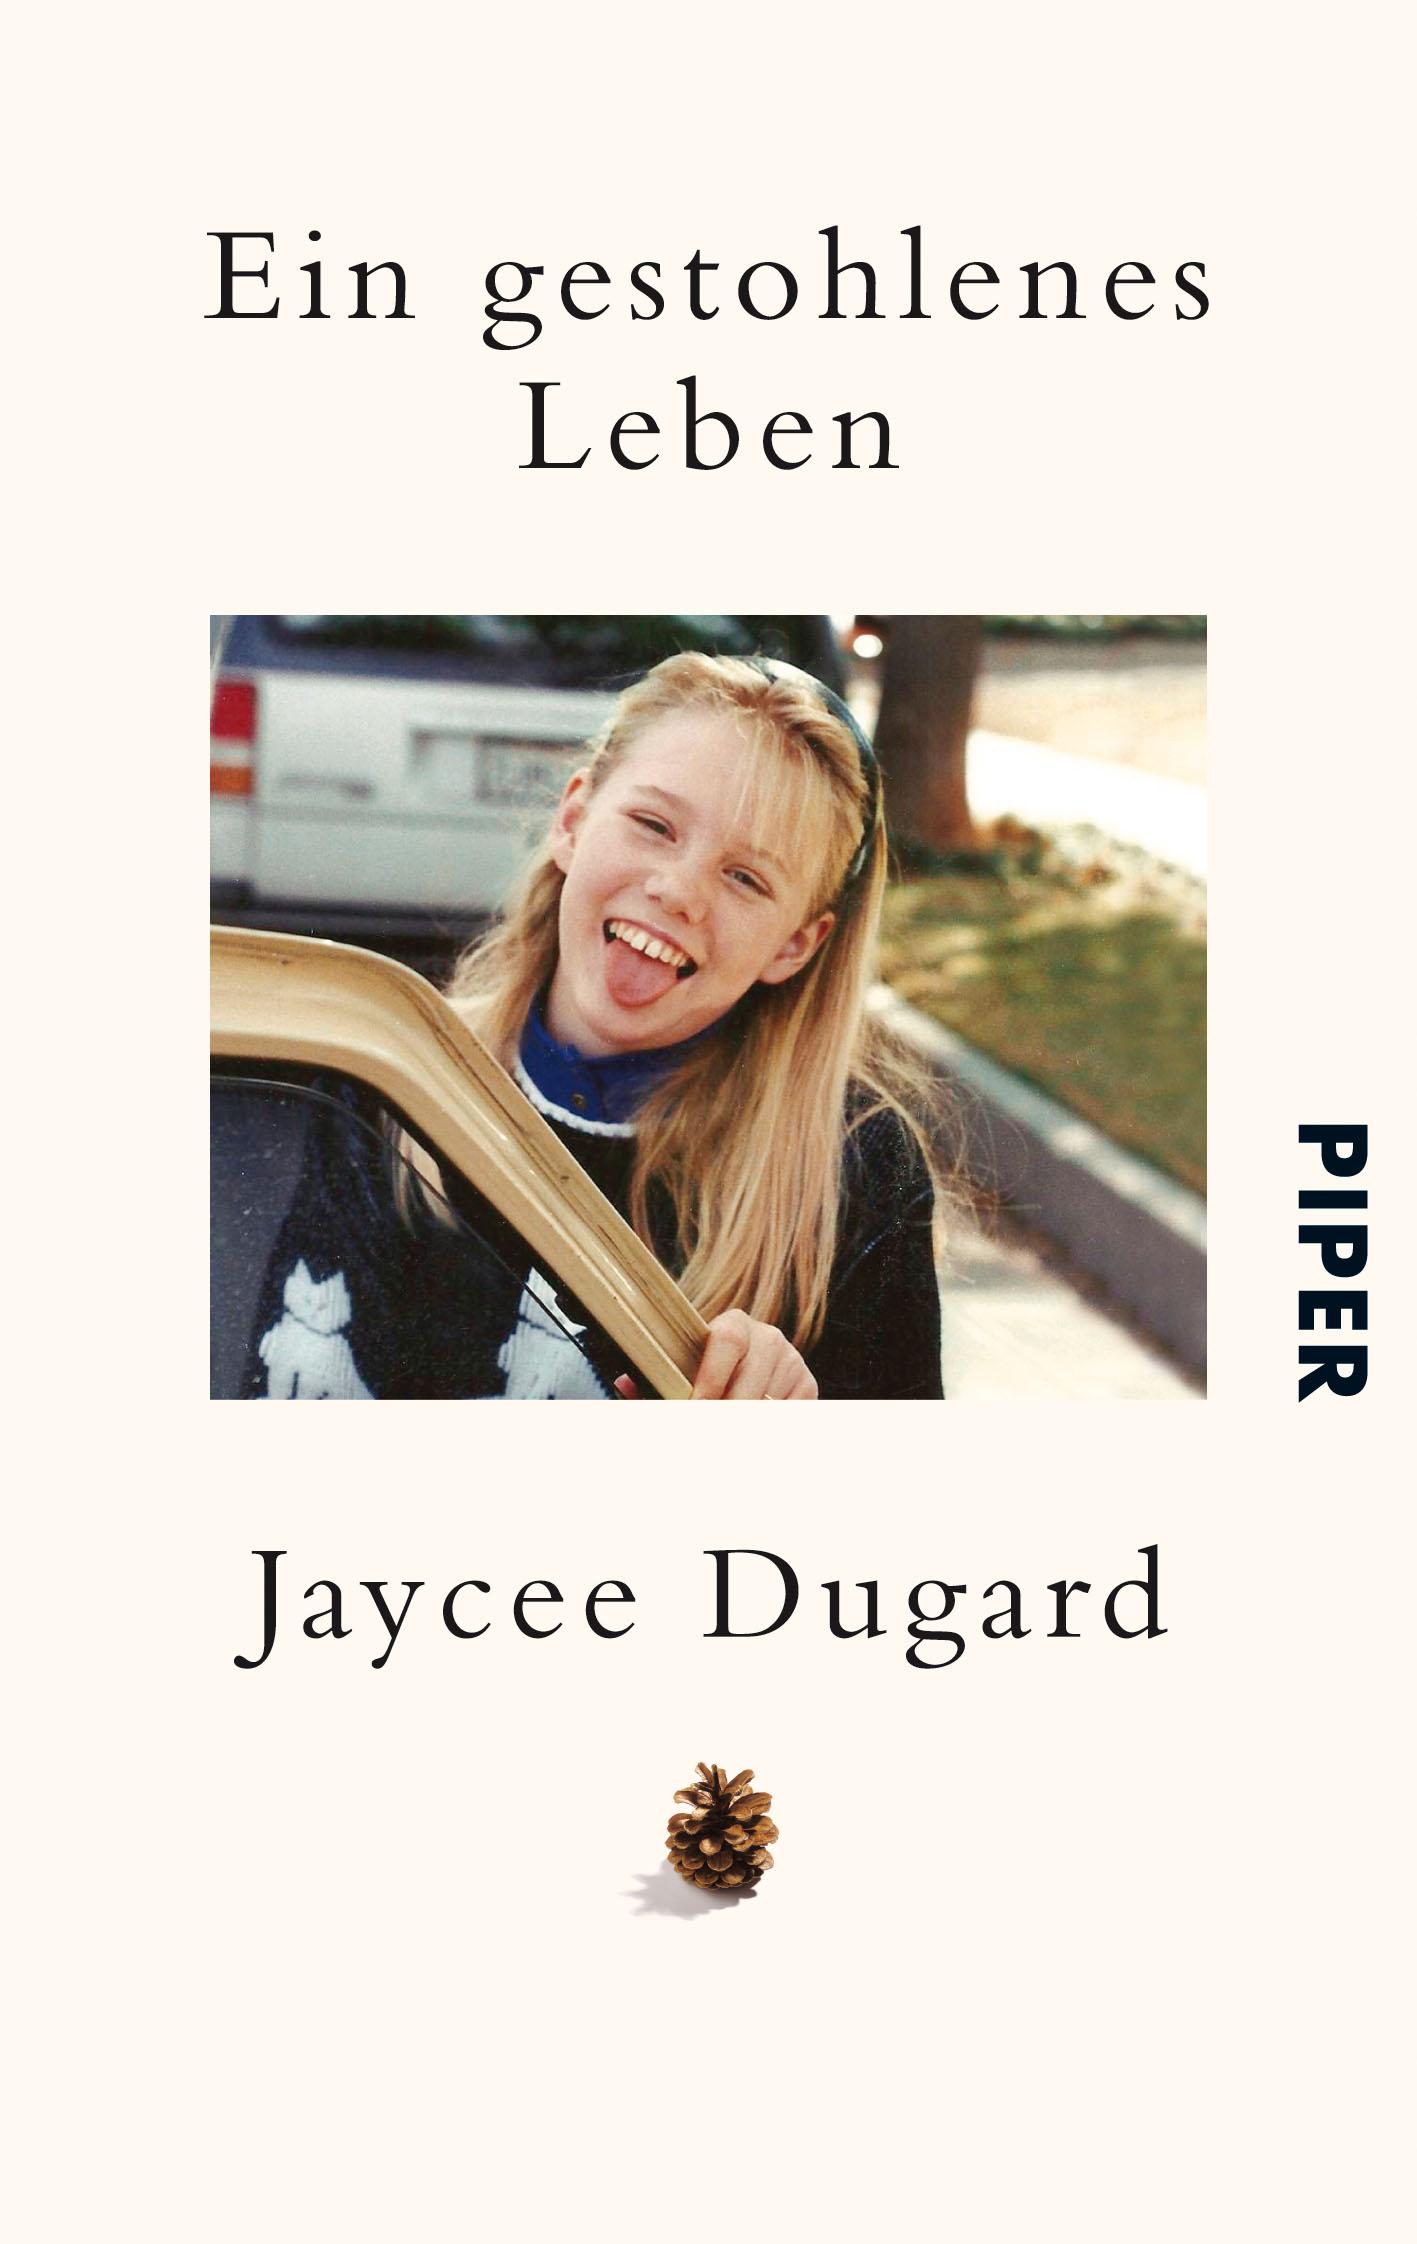 Ein gestohlenes Leben: Als Kind entführt, nach 18 Jahren befreit - Jaycee Dugard